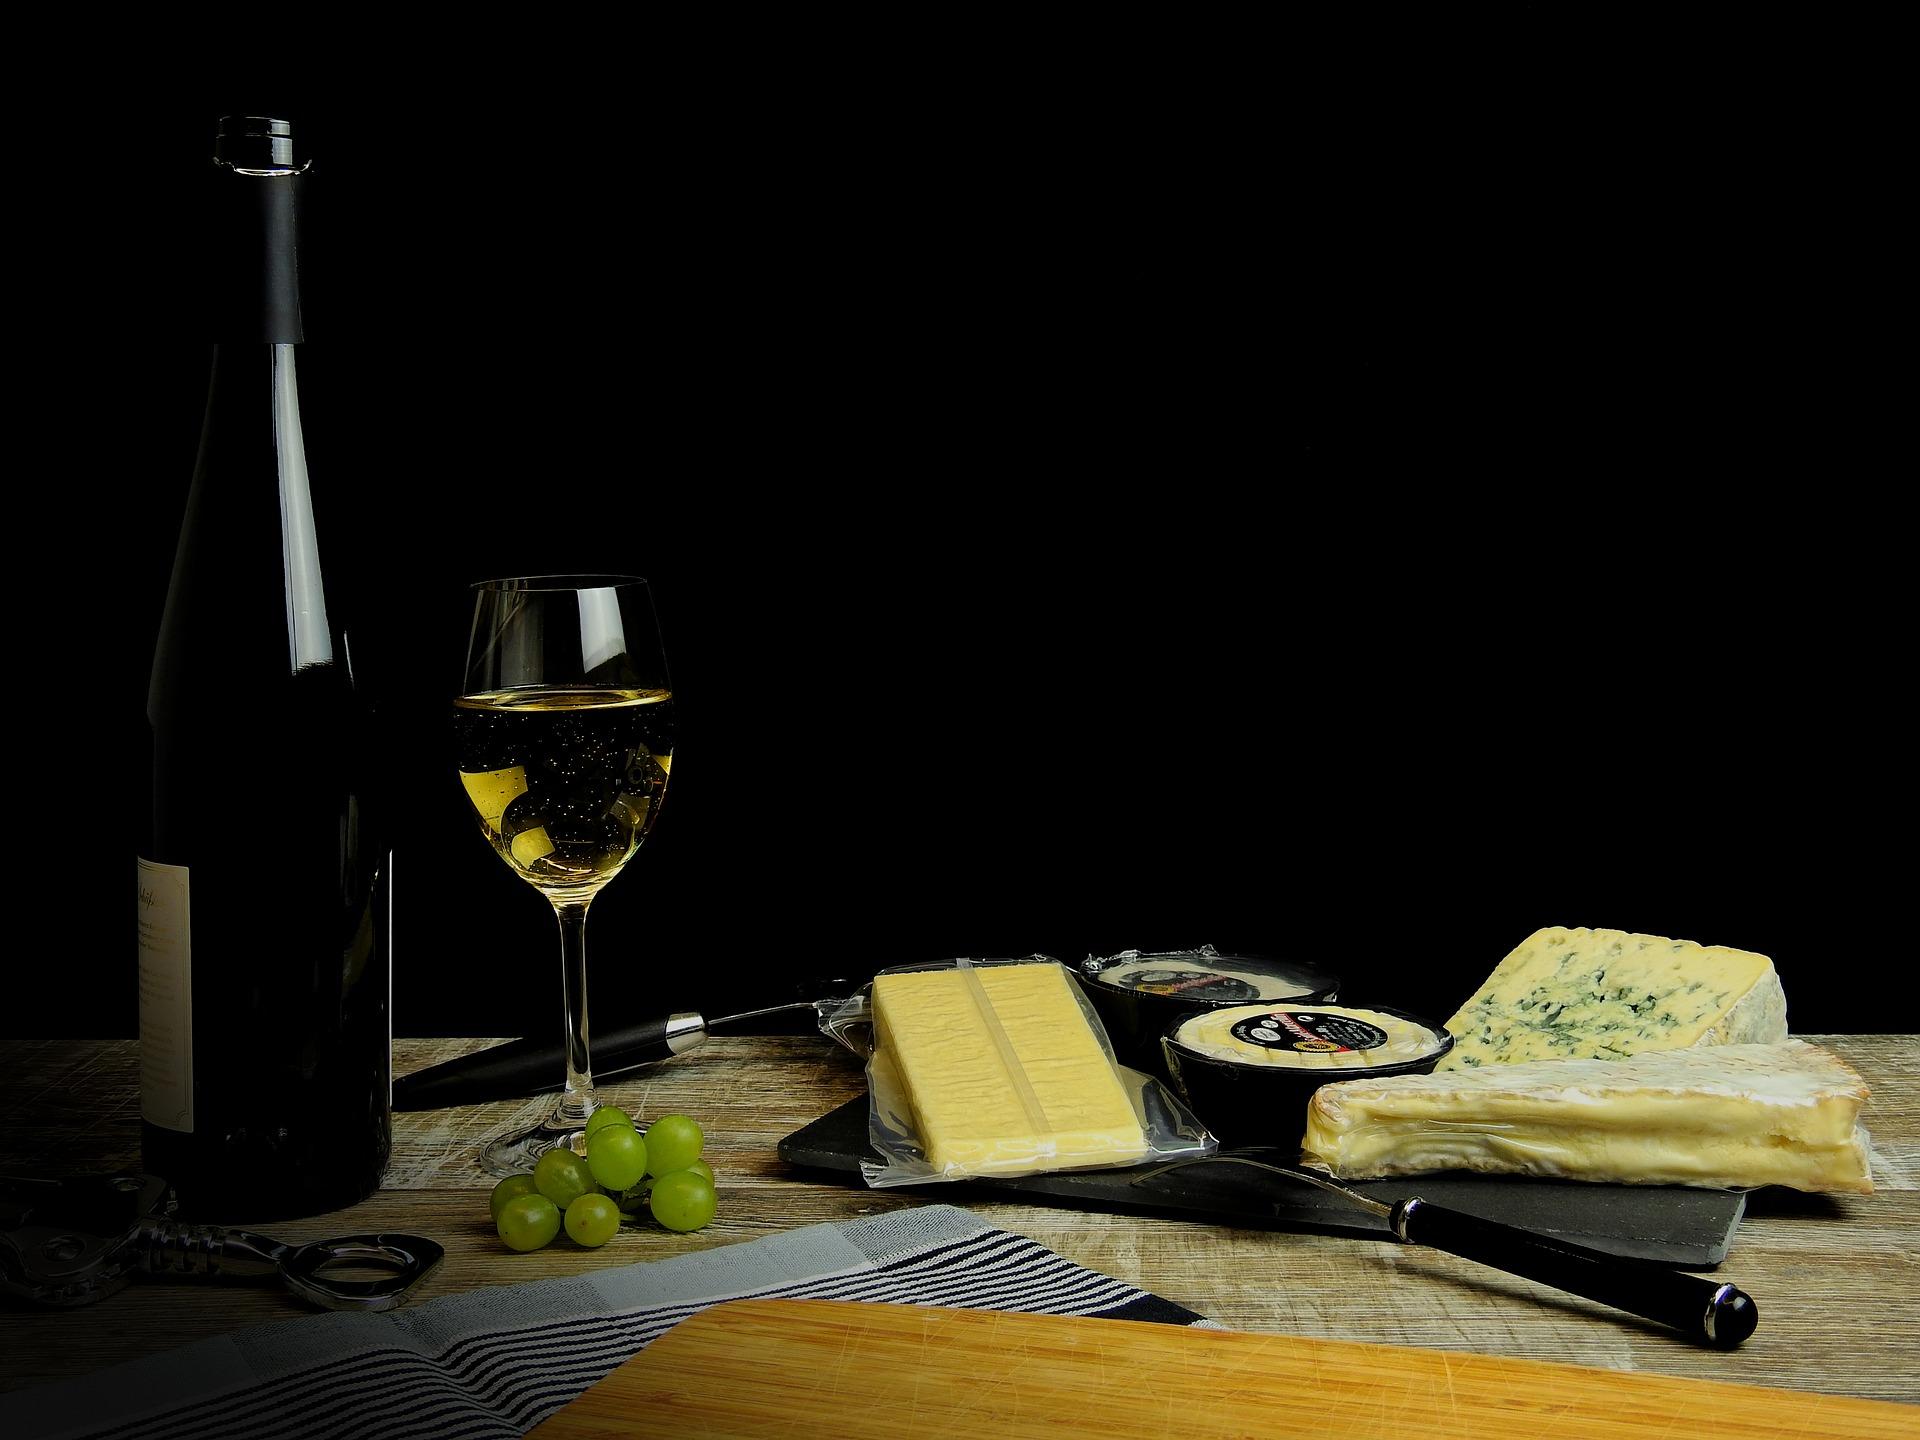 El vino blanco con barrica es perfecto para los quesos fuertes